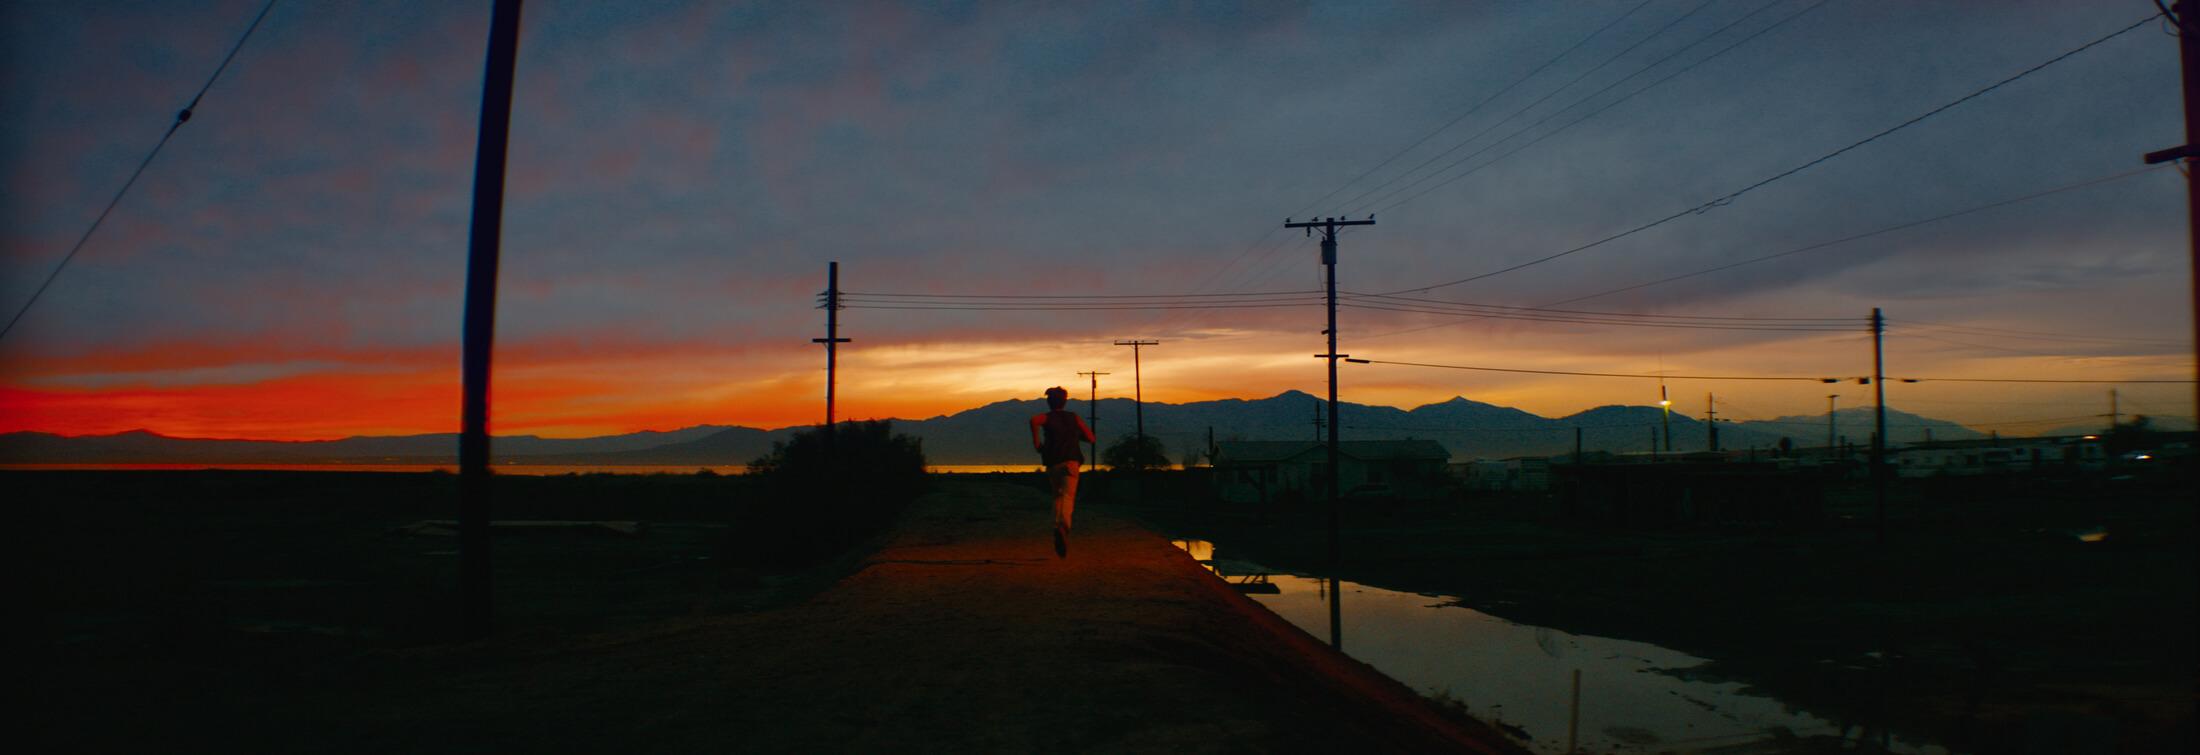 Sunset in Tyger Tyger